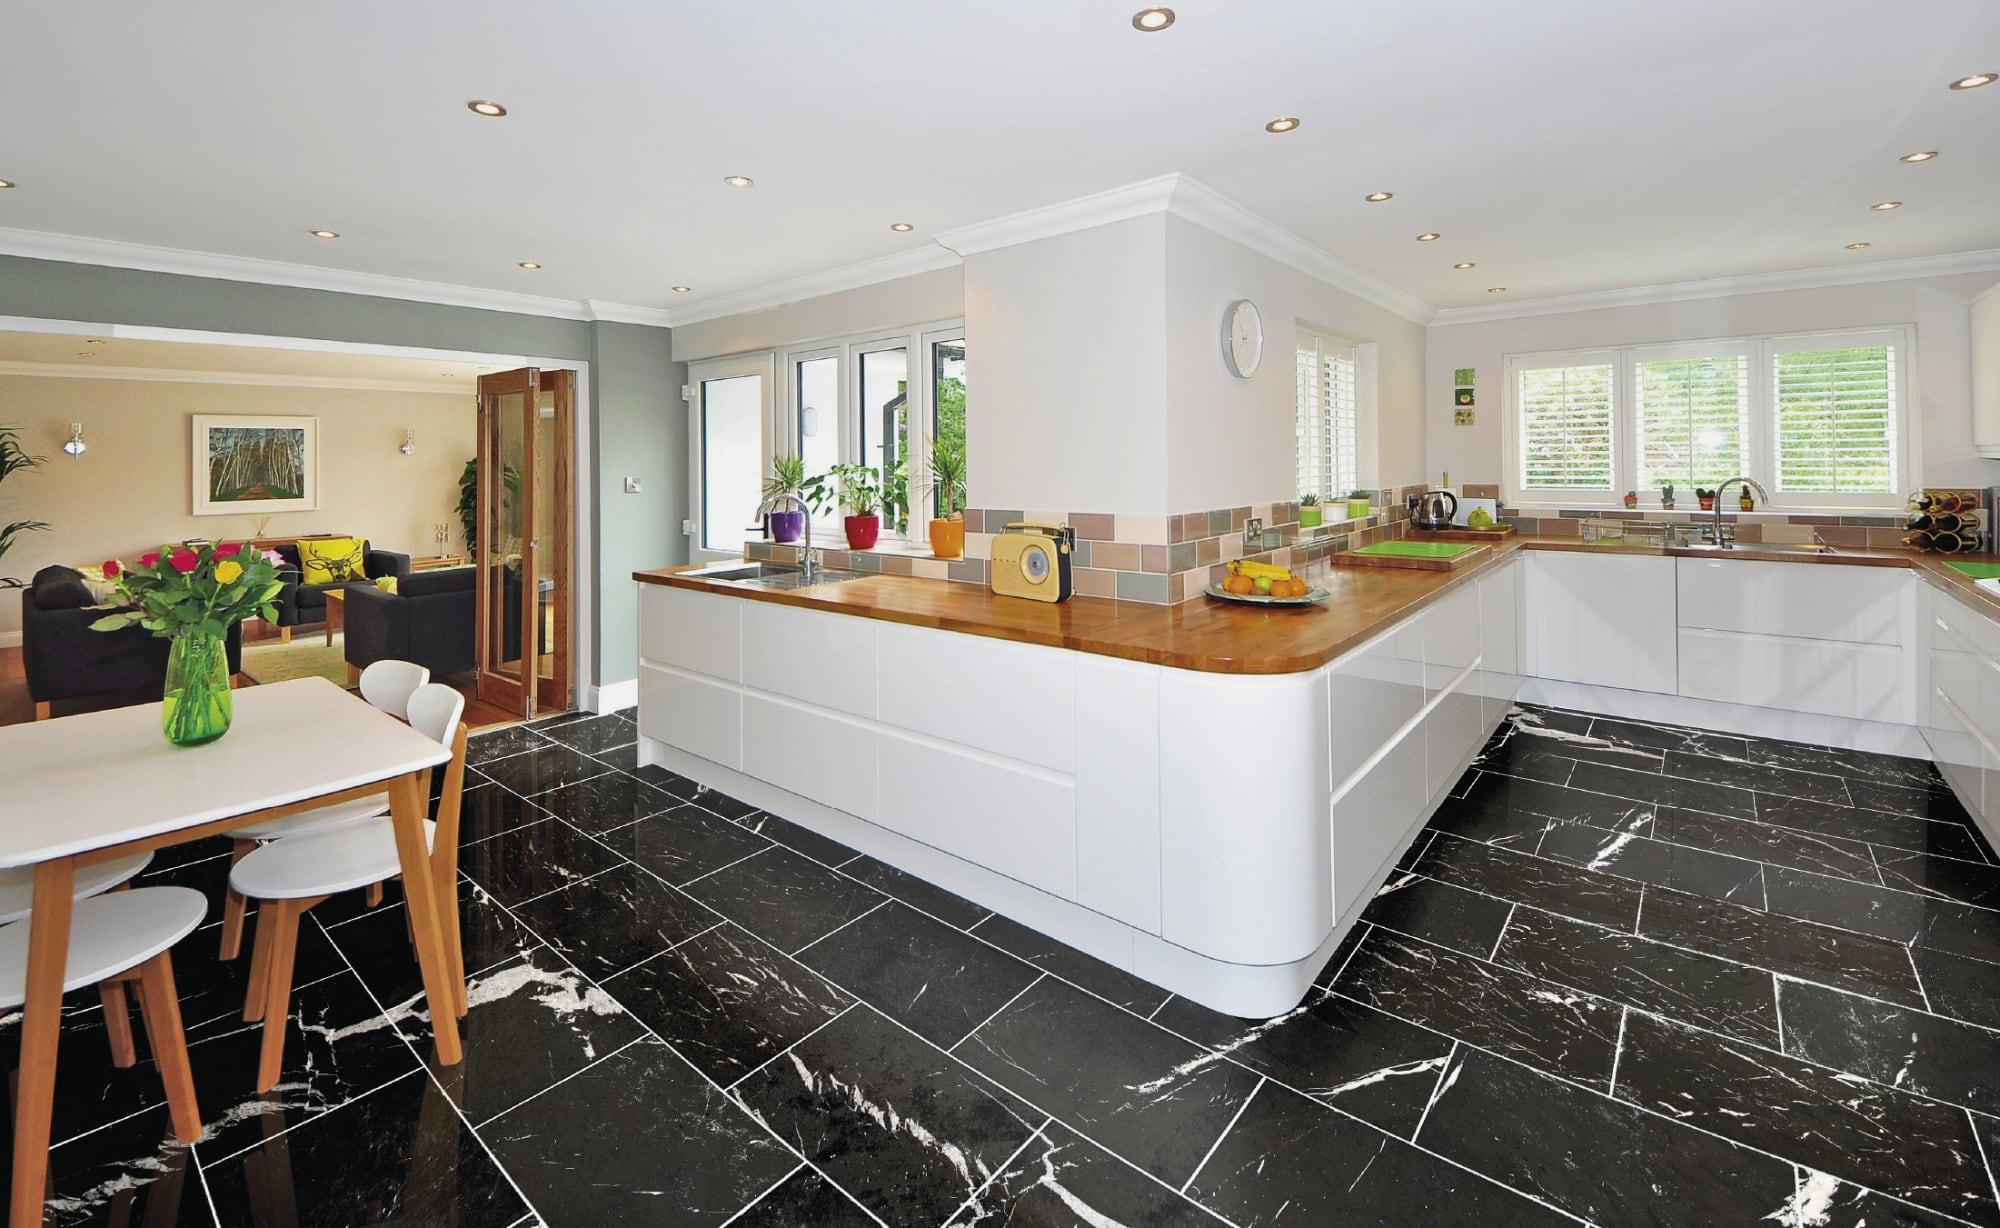 nero marquina marble floor